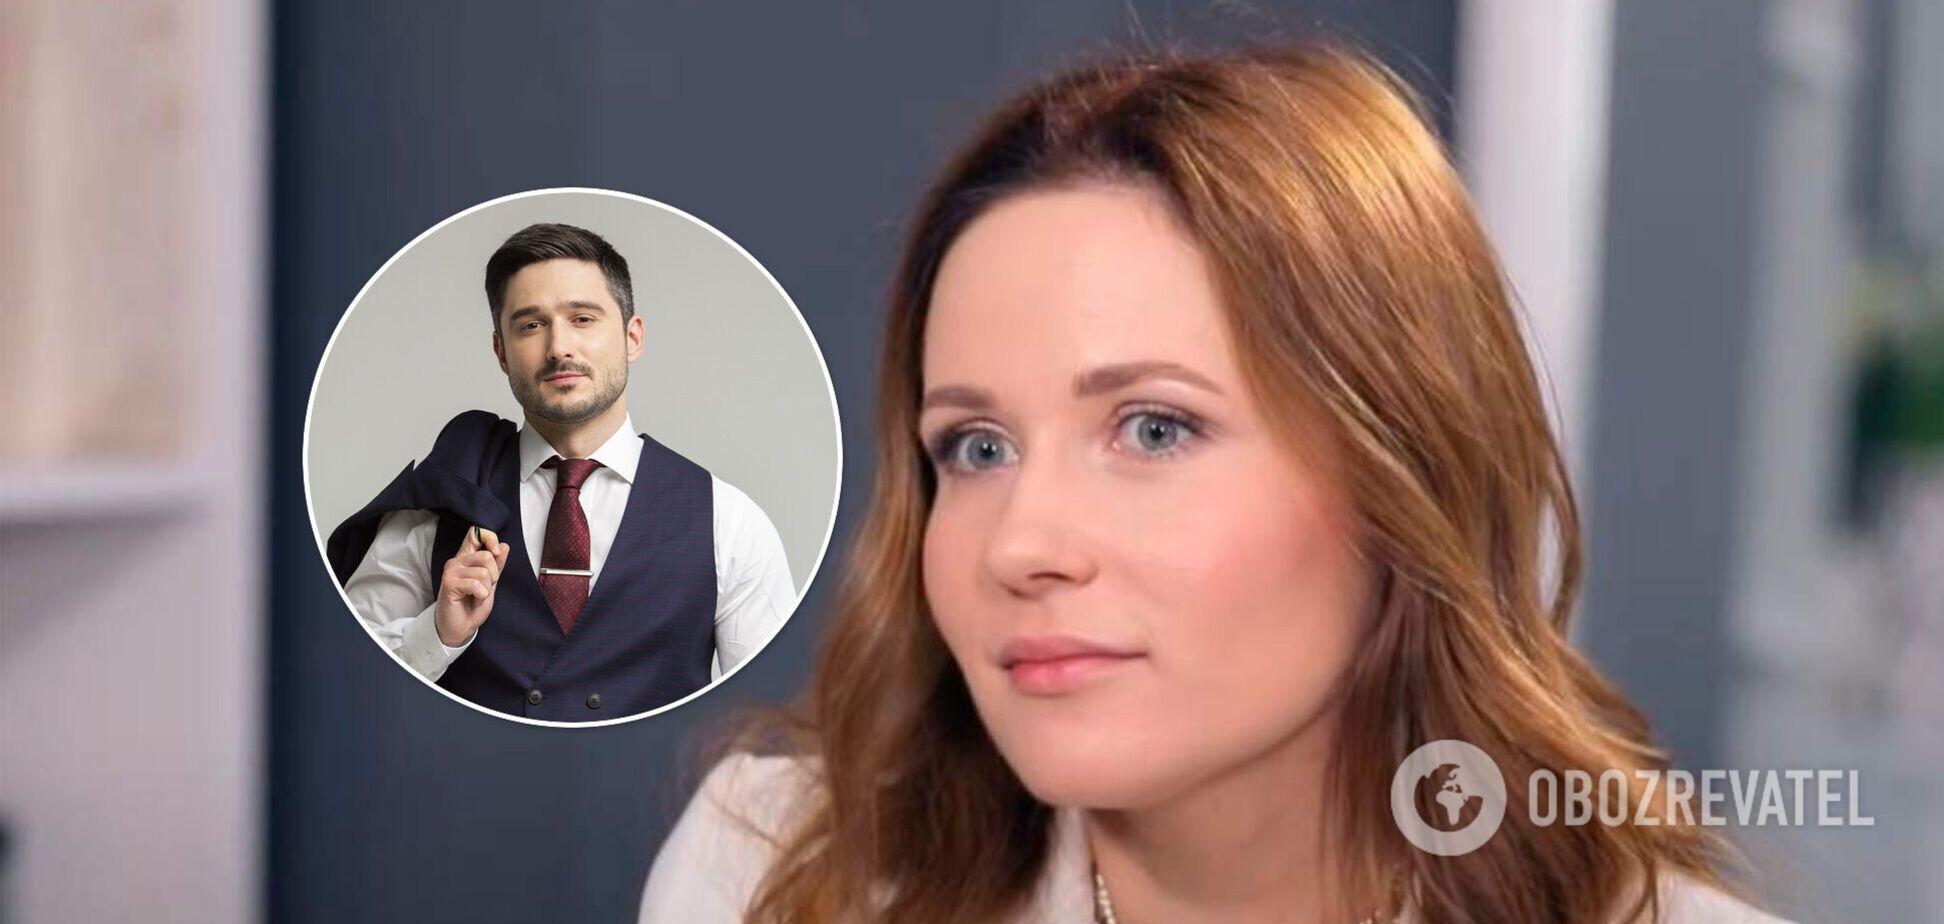 Звезда 'Крепостной' о скандале с мужем-актером: у него сложный период, мне стыдно